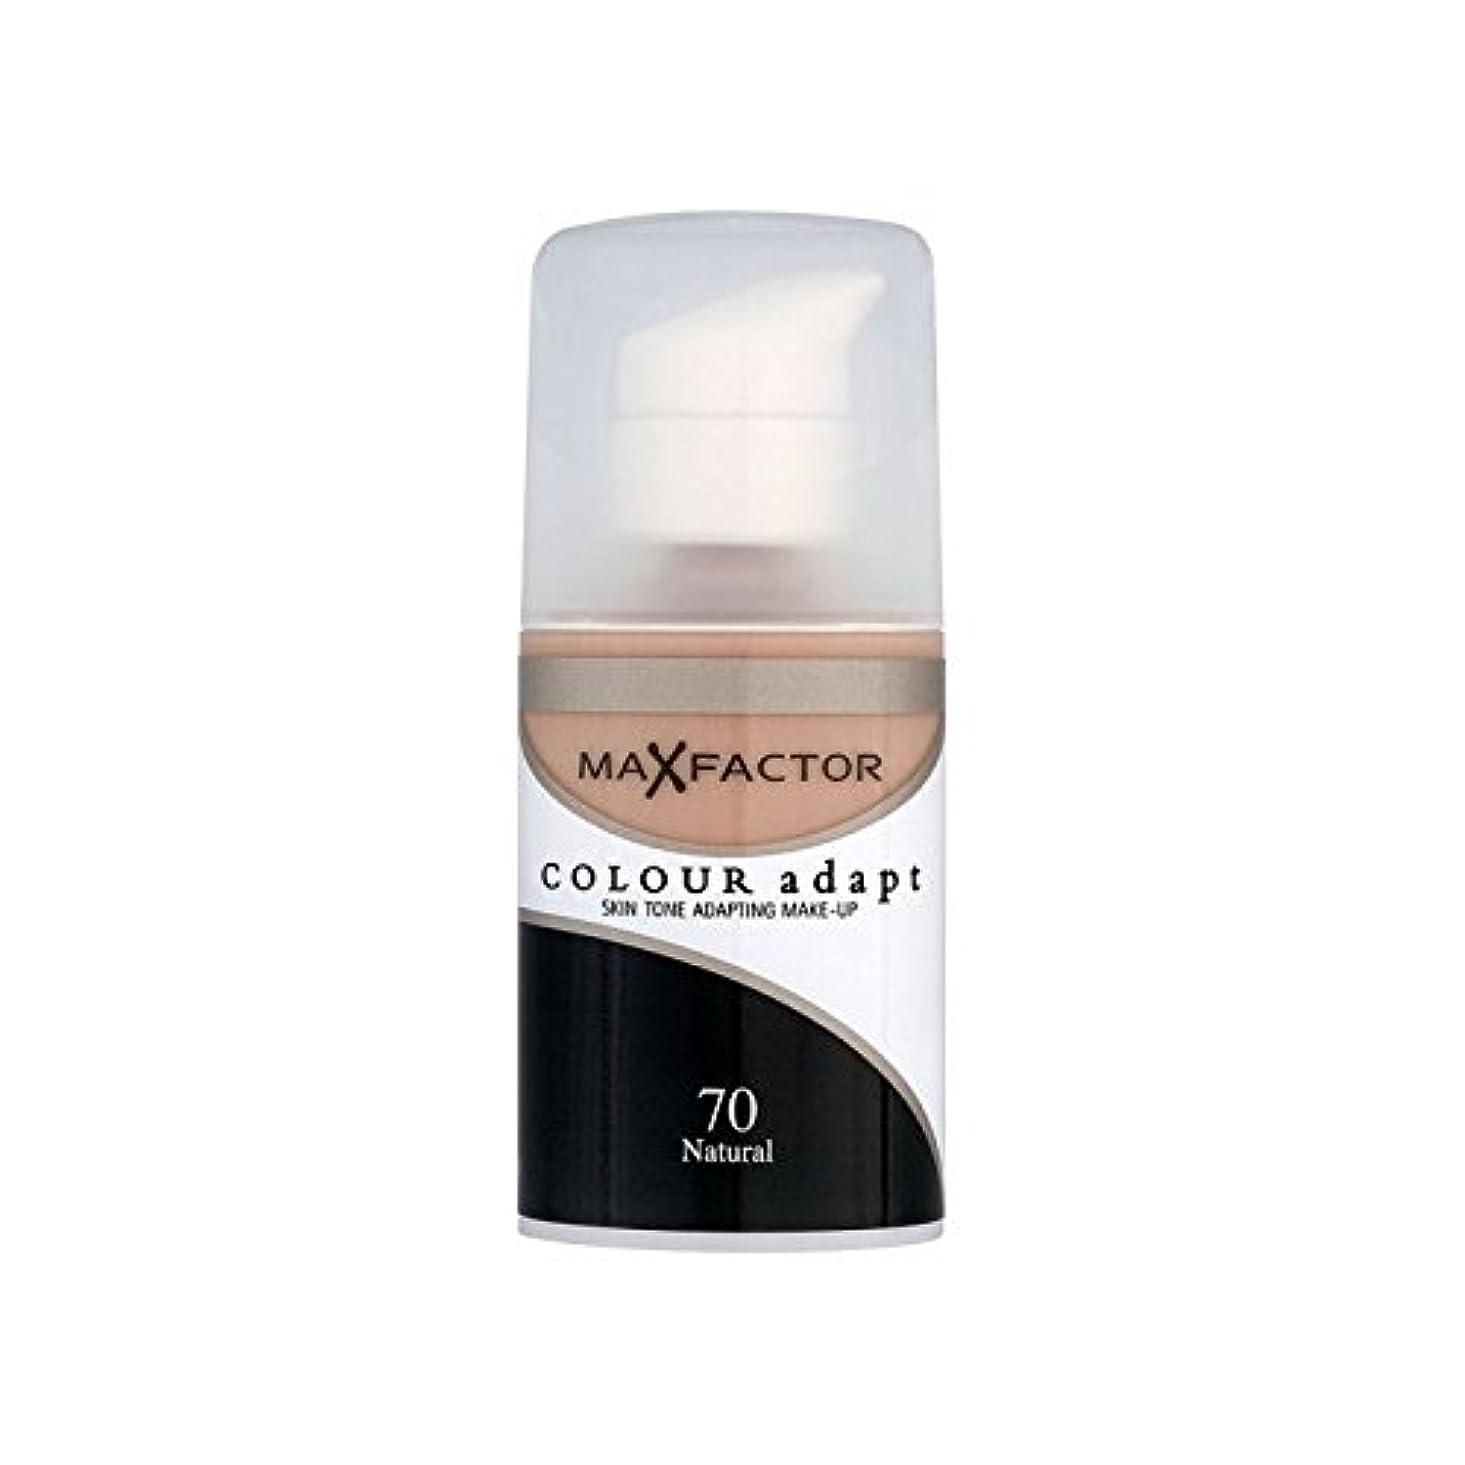 マットレス分散浅いマックスファクターの色は、基礎自然70を適応させます x2 - Max Factor Colour Adapt Foundation Natural 70 (Pack of 2) [並行輸入品]